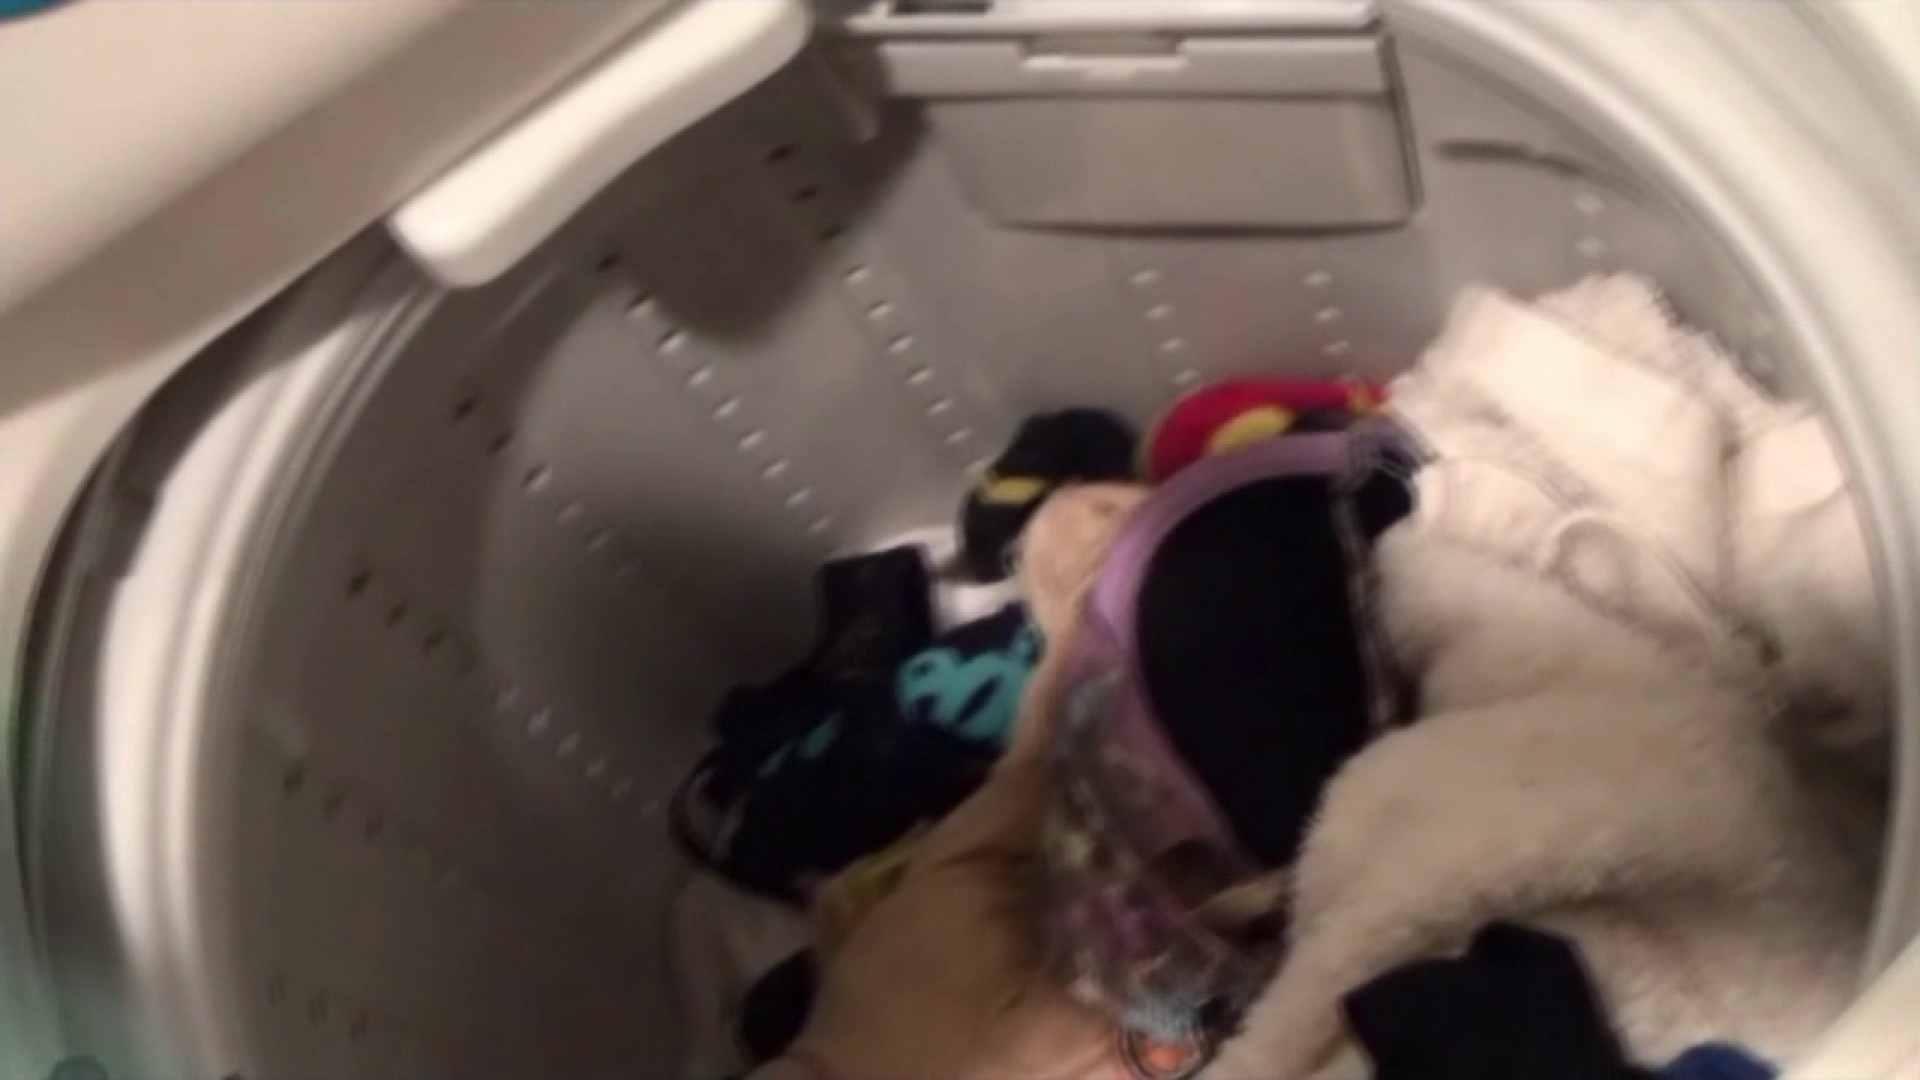 【01】ベランダへ侵入し、真っ先に洗濯機へ直行しました。 Hなお姉さん おめこ無修正画像 98pic 12